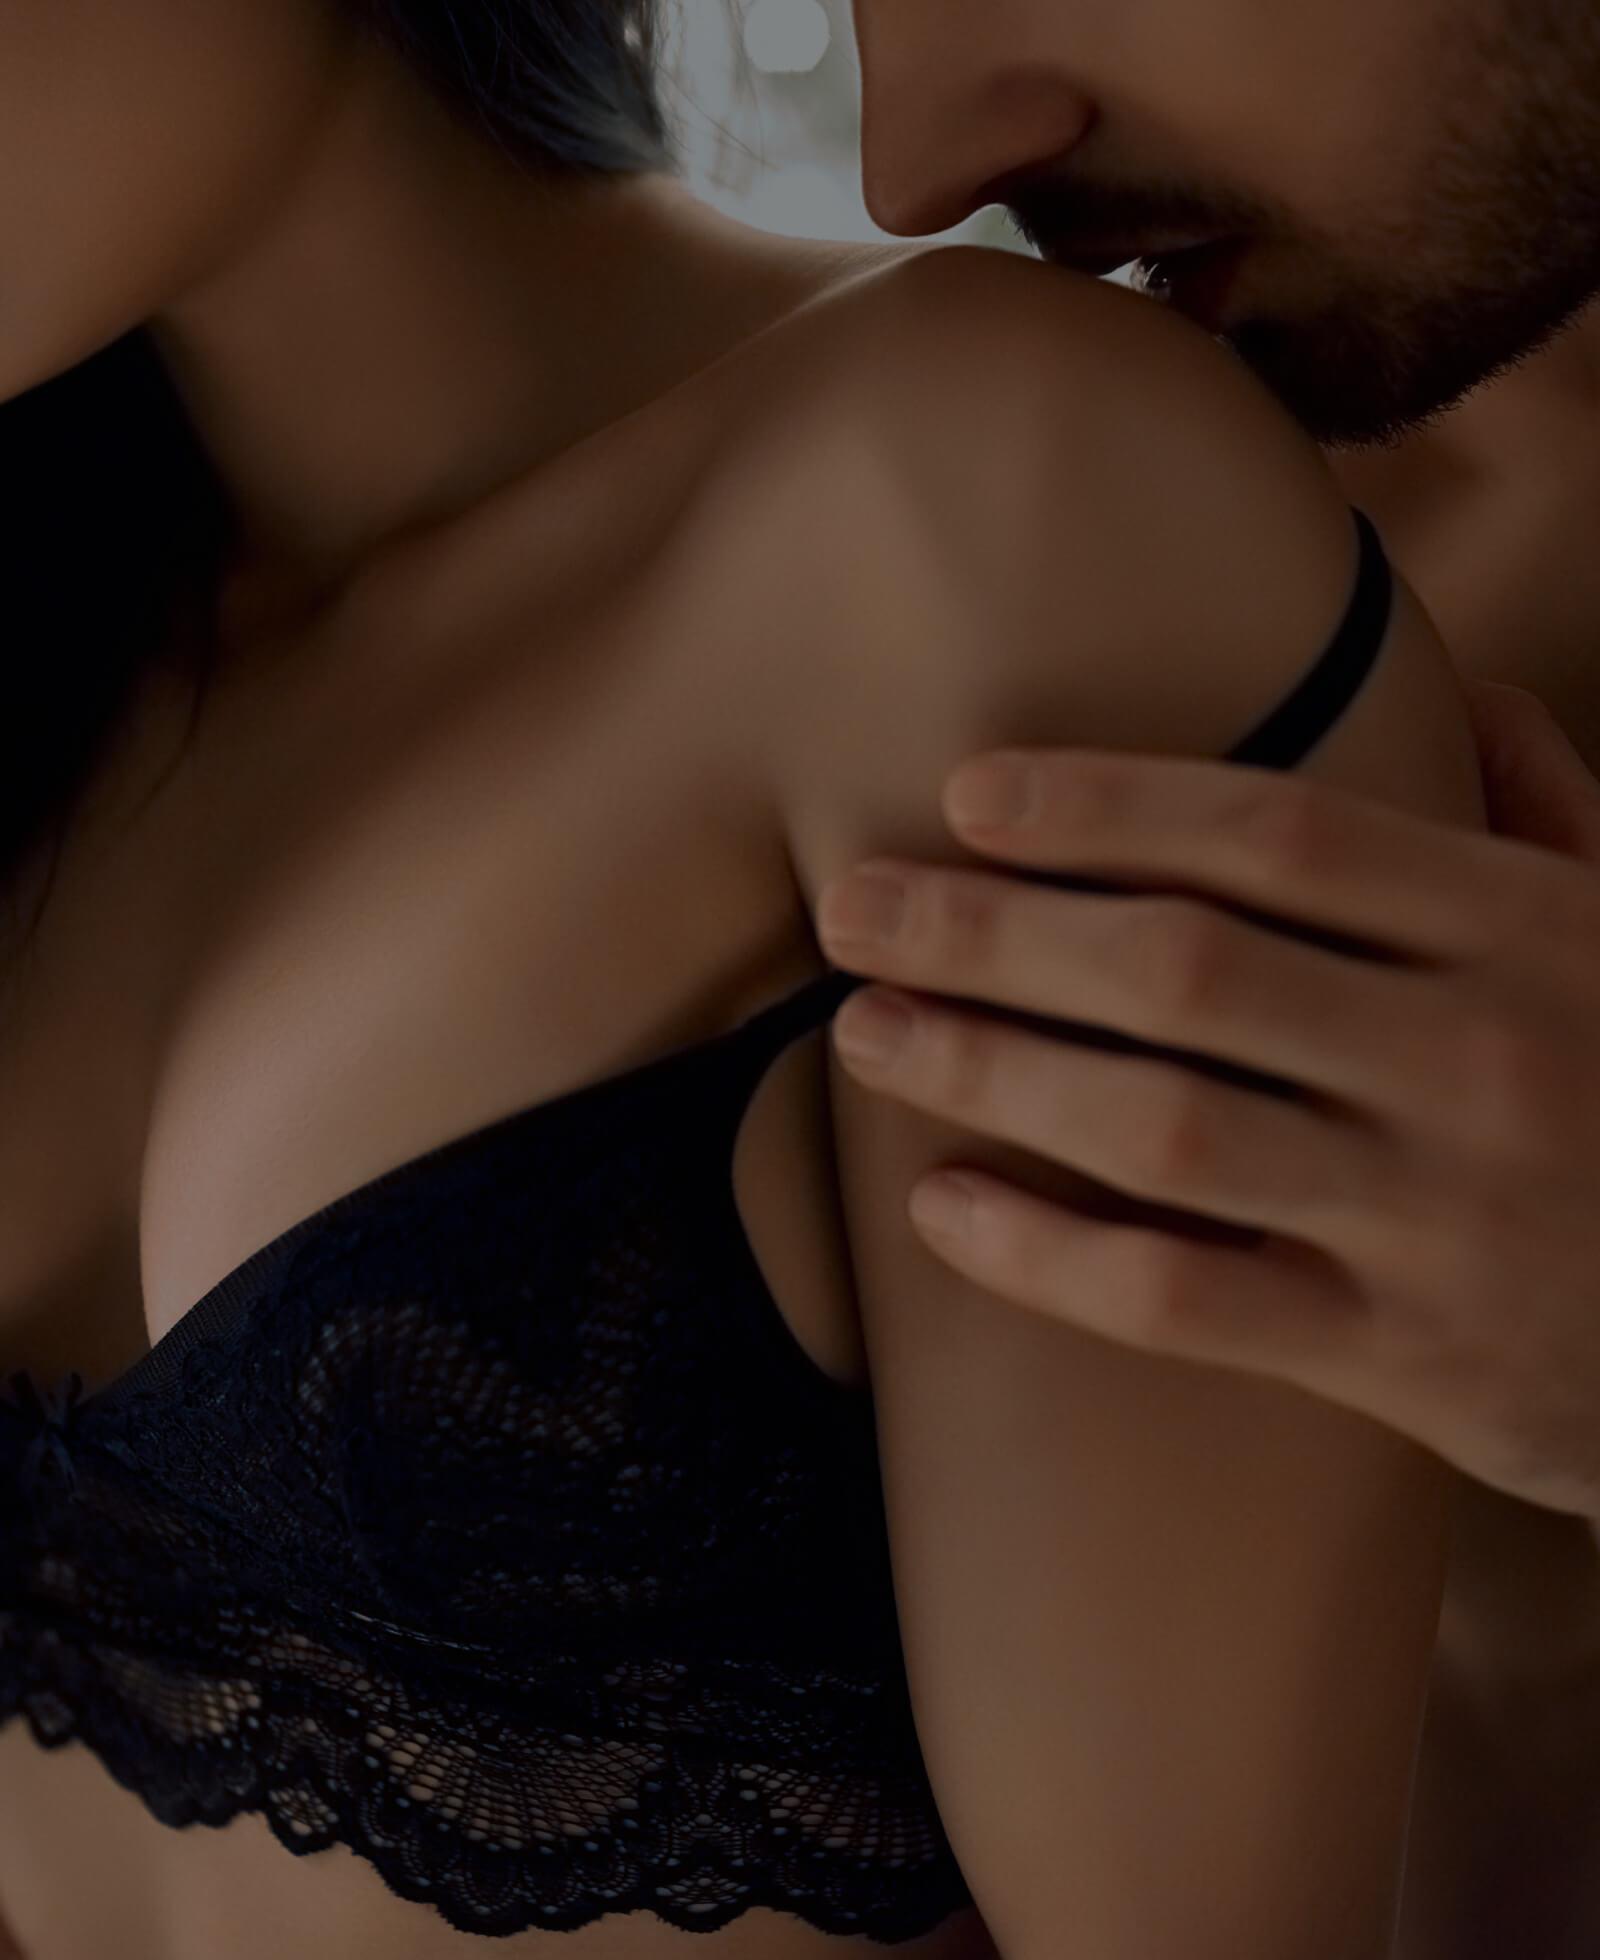 Women orgasm enhancement